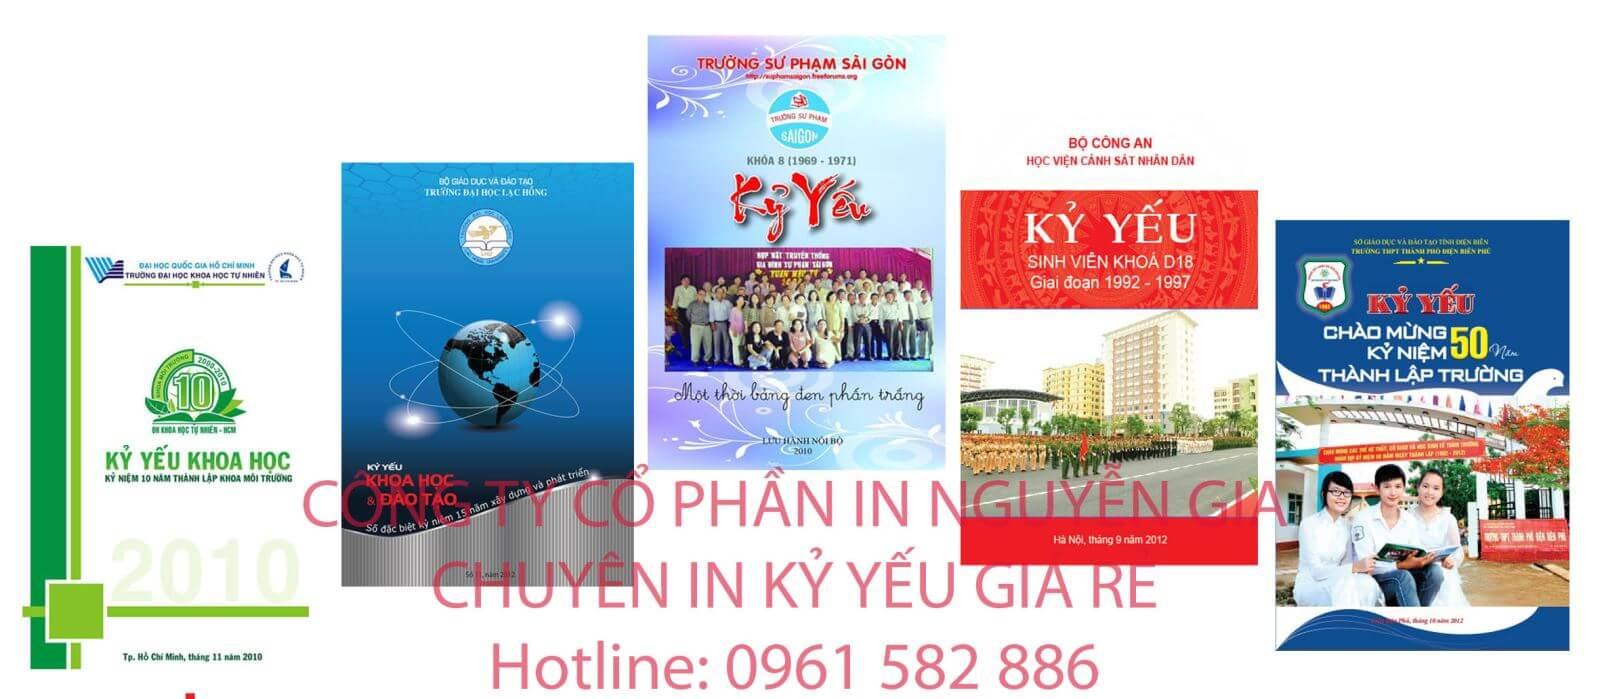 in-ky-yeu-truong-lop-chuyen-nghiep